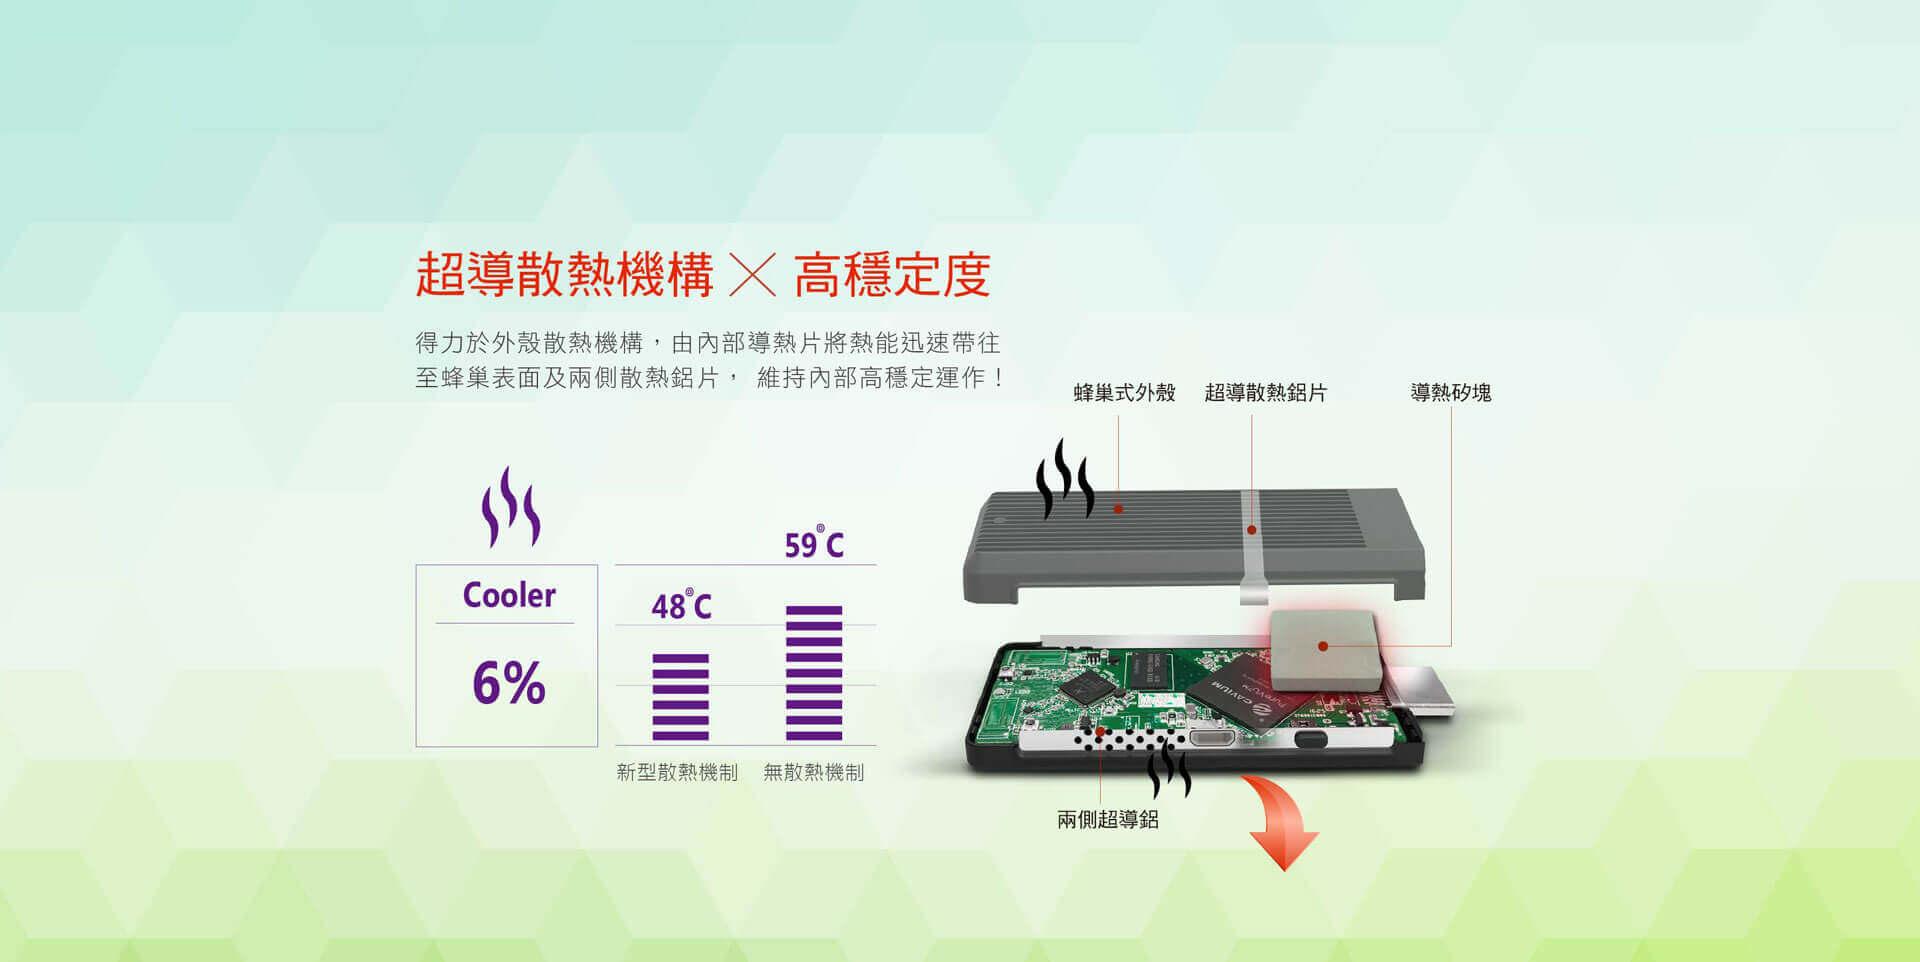 proimages/product/pro-02/pro02-004/WTR-5000/WTR-5000-11.jpg